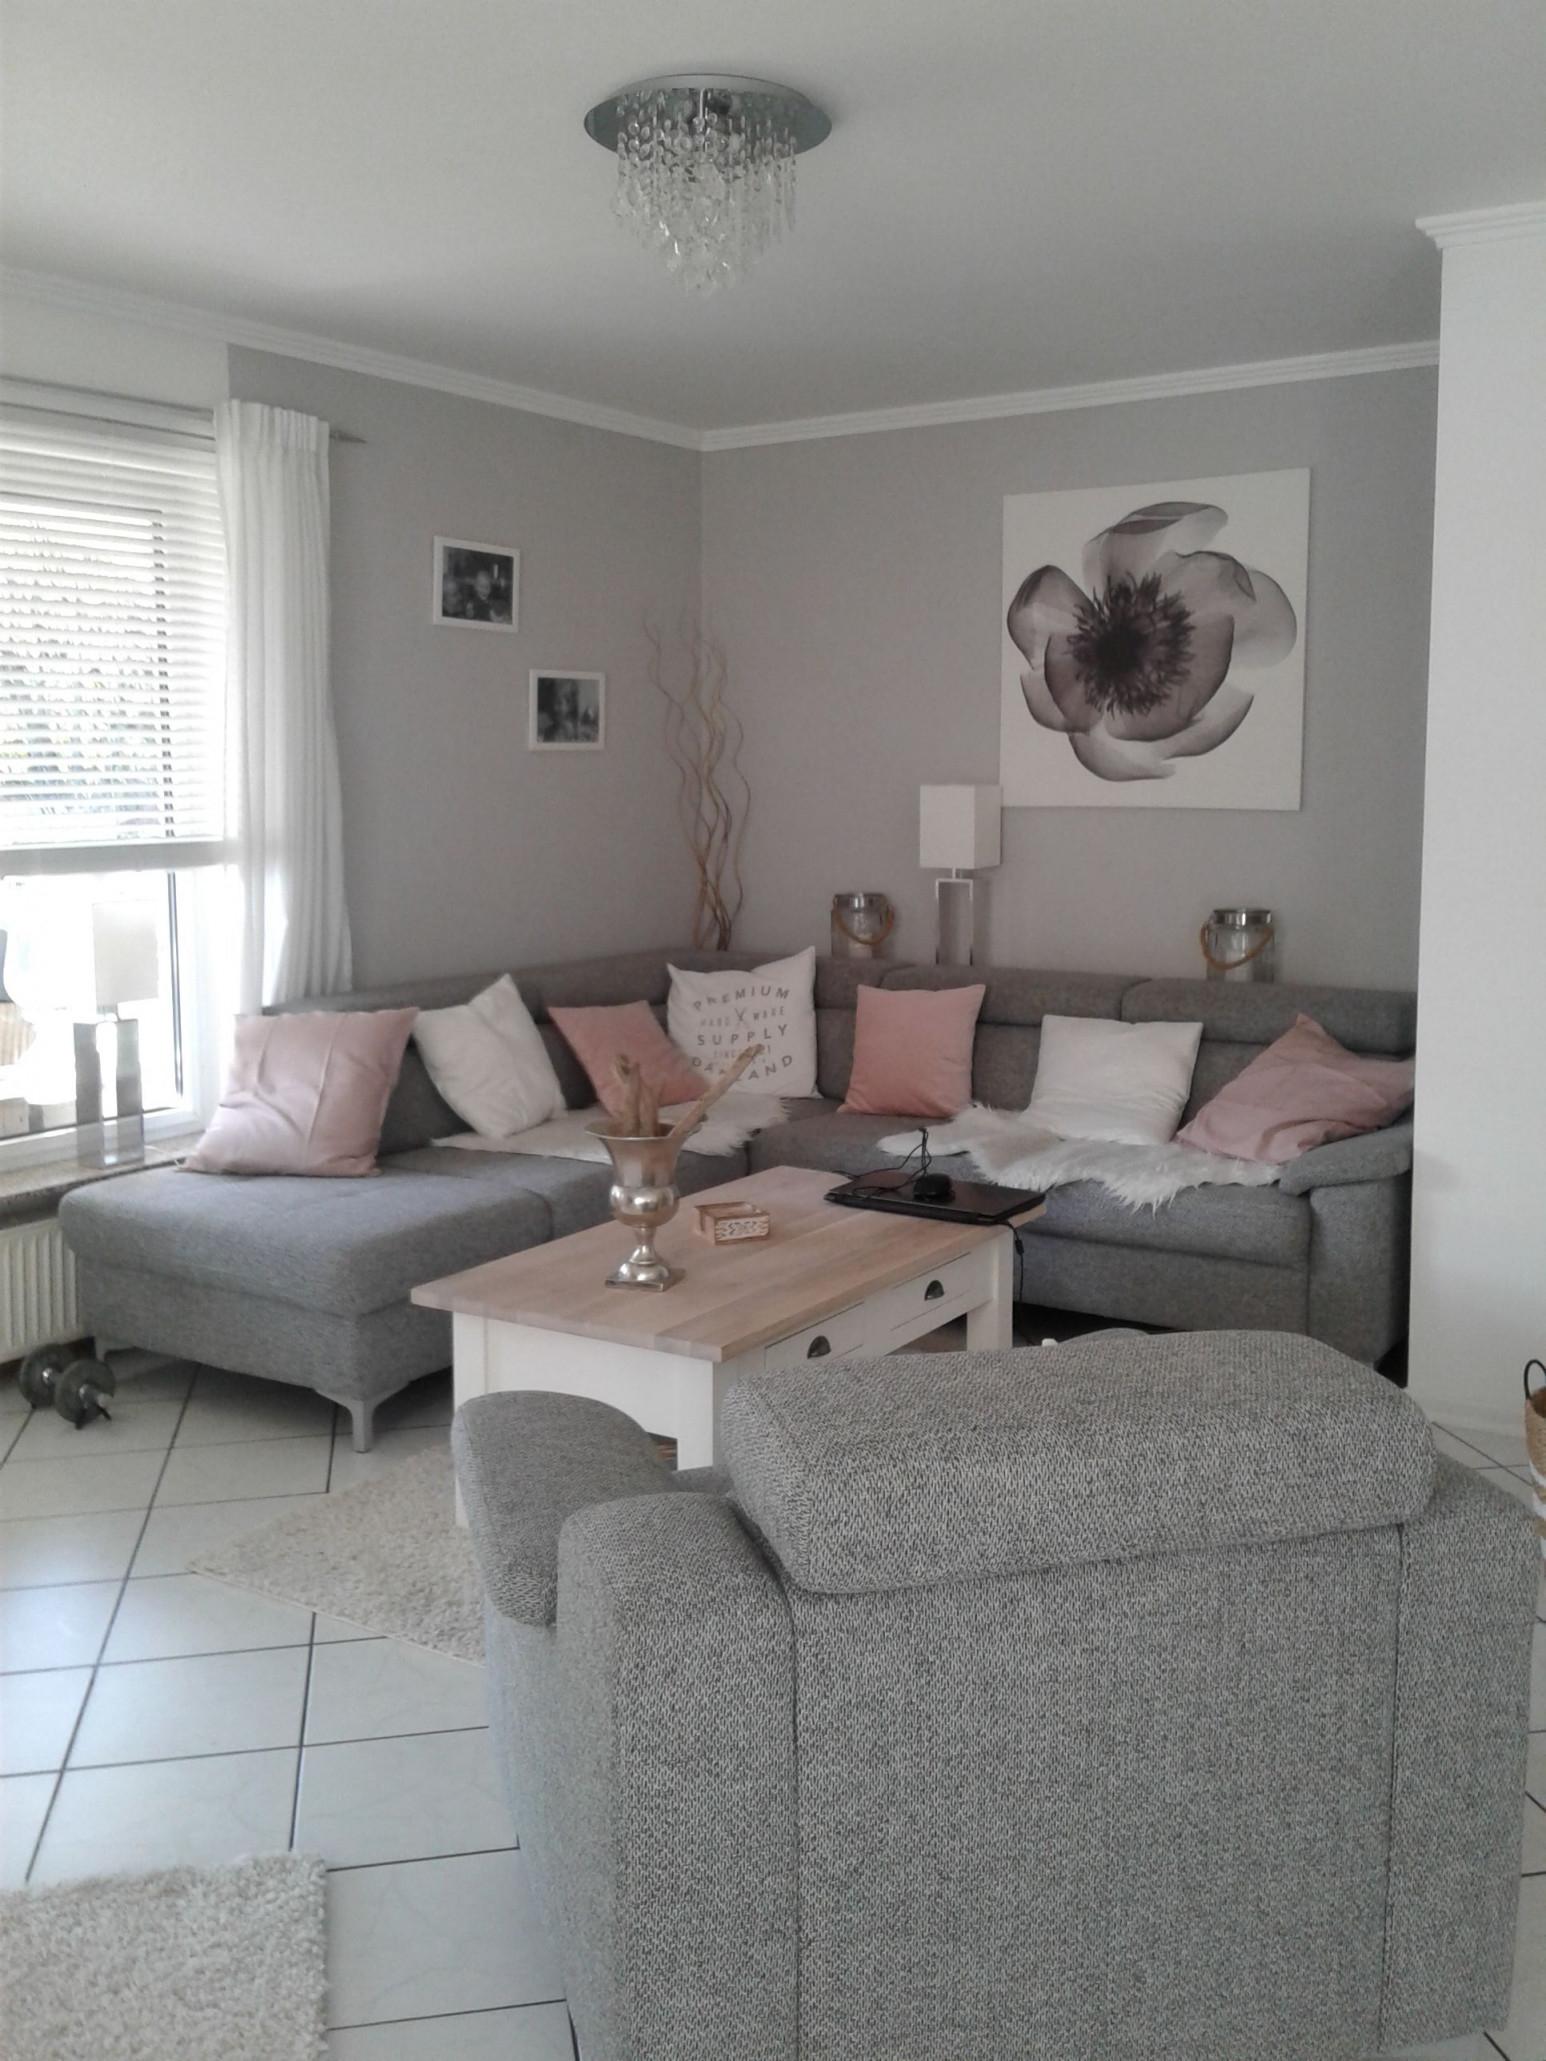 Wohnzimmer In Grau Weiß Und Farbtupfer In Matt Rosa von Wohnzimmer Ideen Weiß Photo